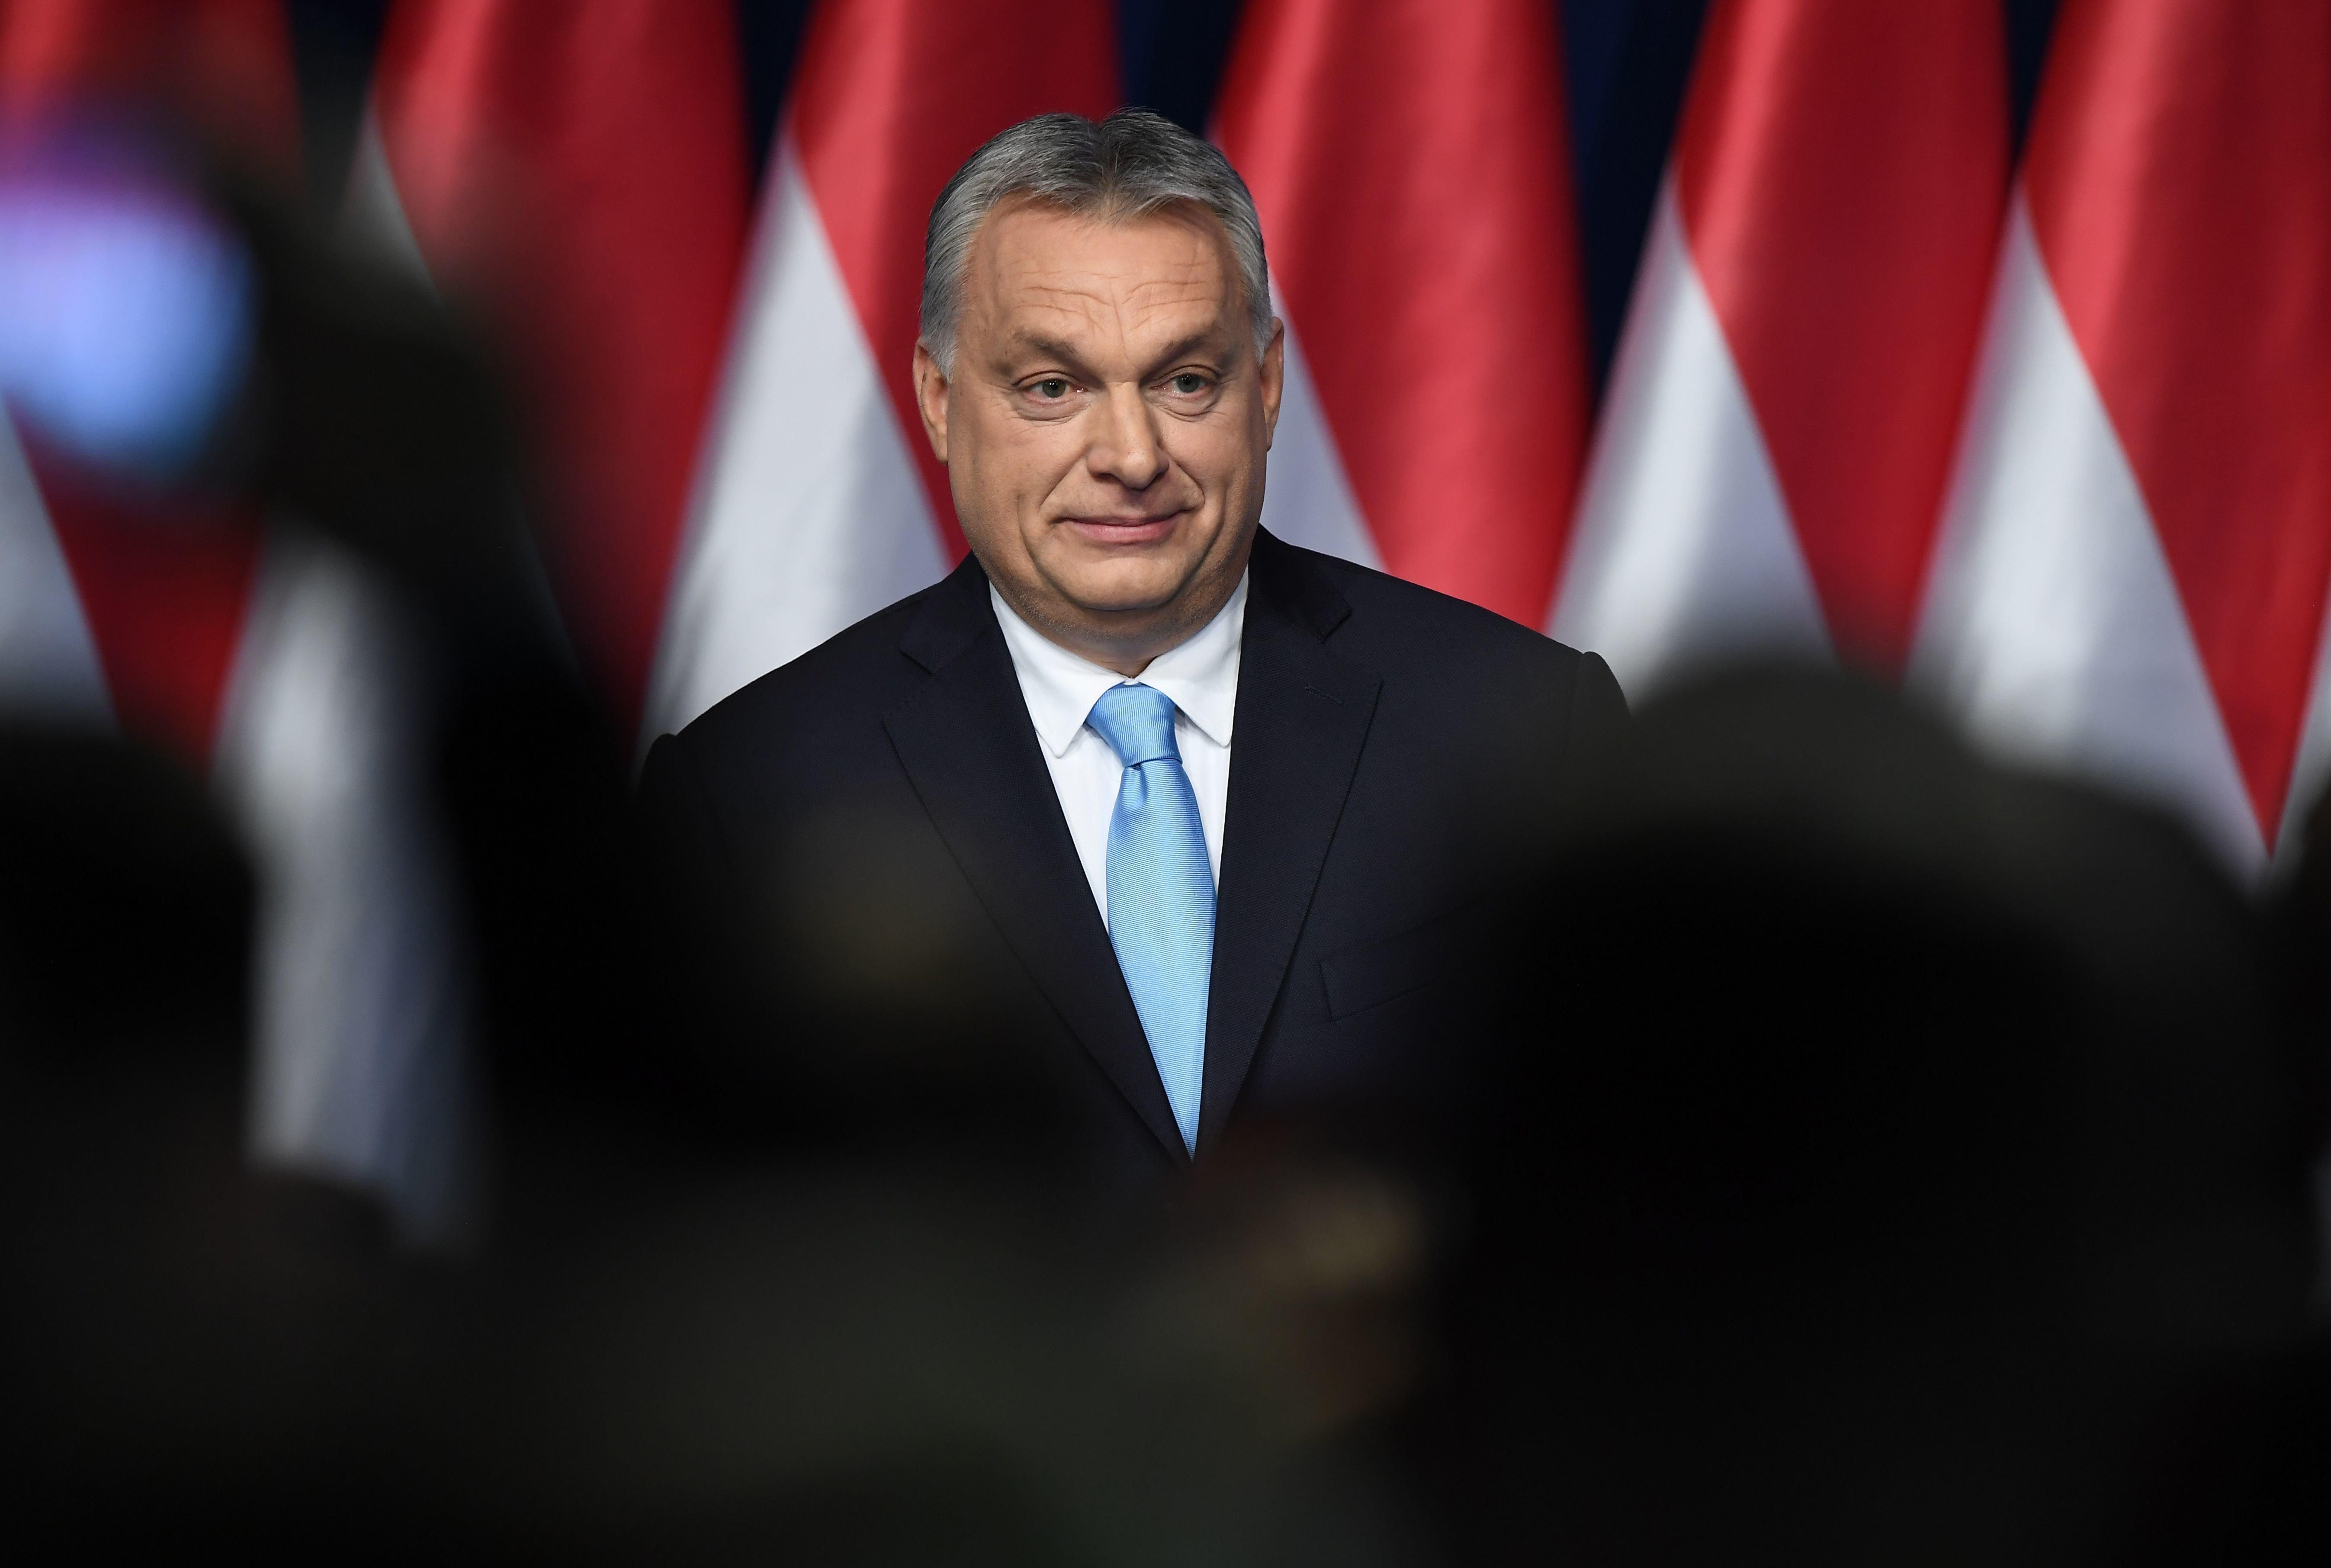 헝가리, 자녀 4명 이상 키우는 여성은 평생 소득세